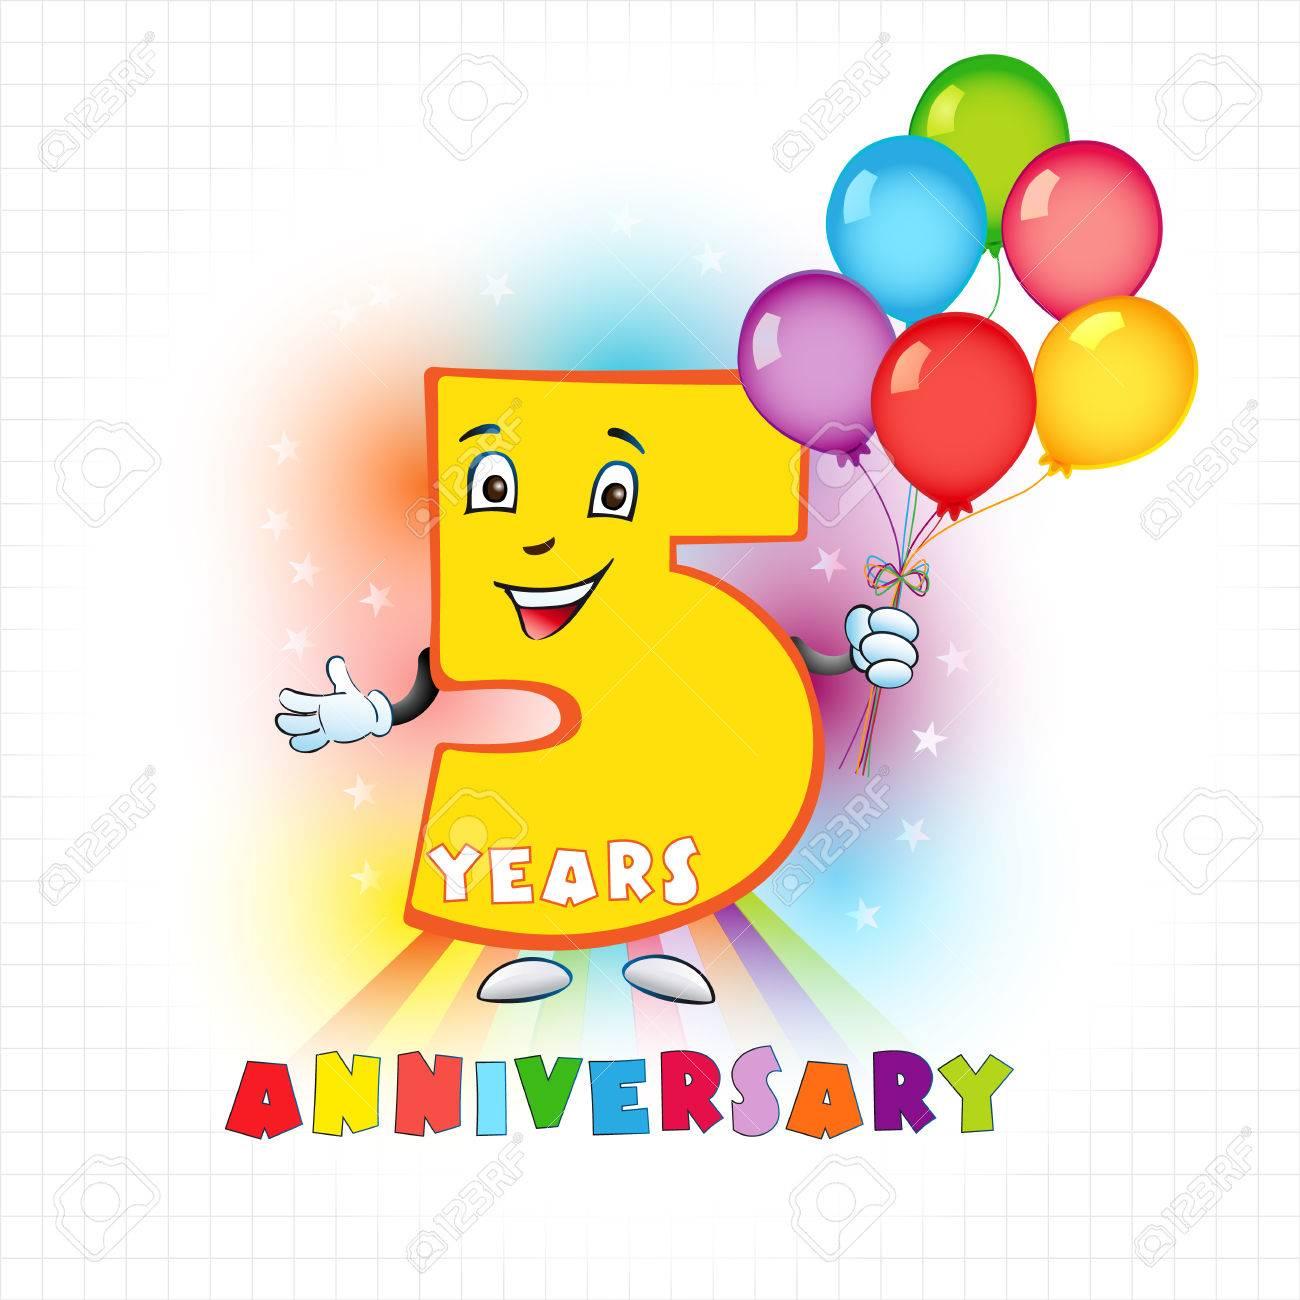 Cinco Años De Logotipo Animado. Logotipo Divertido De 5 Aniversario ...